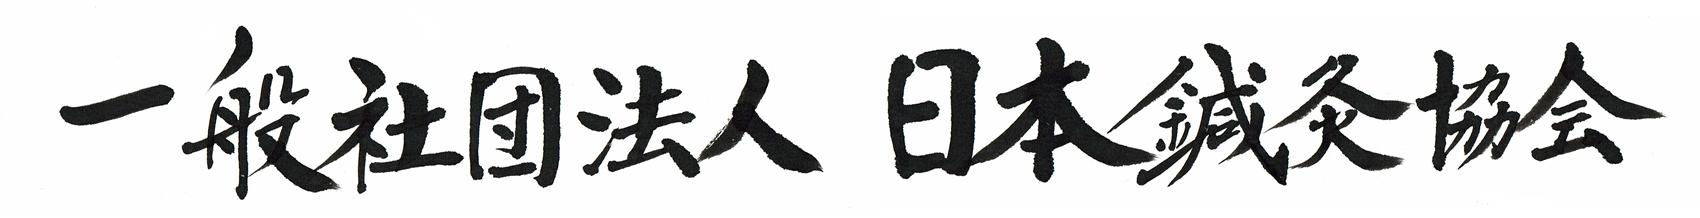 一般社団法人 日本鍼灸協会